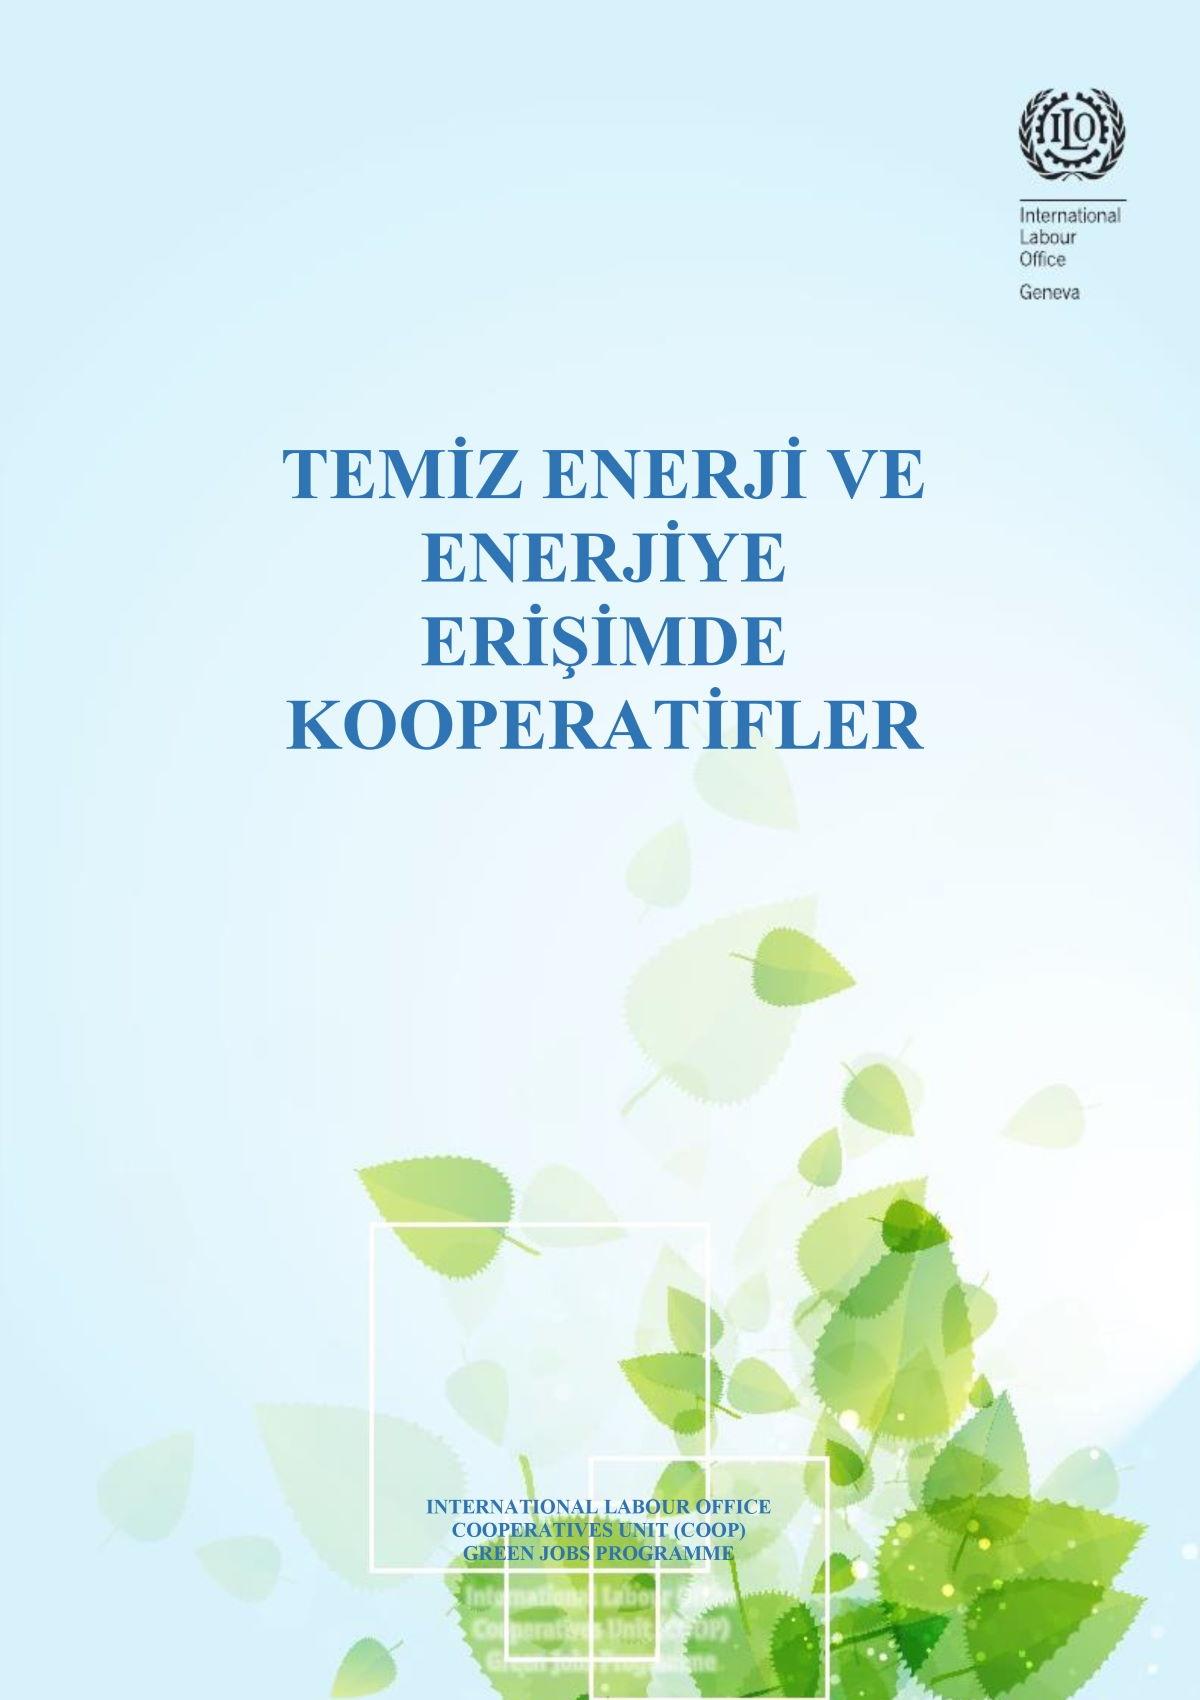 Temiz Enerji ve Enerjiye Erişimde Kooperatifler / ILO raporu